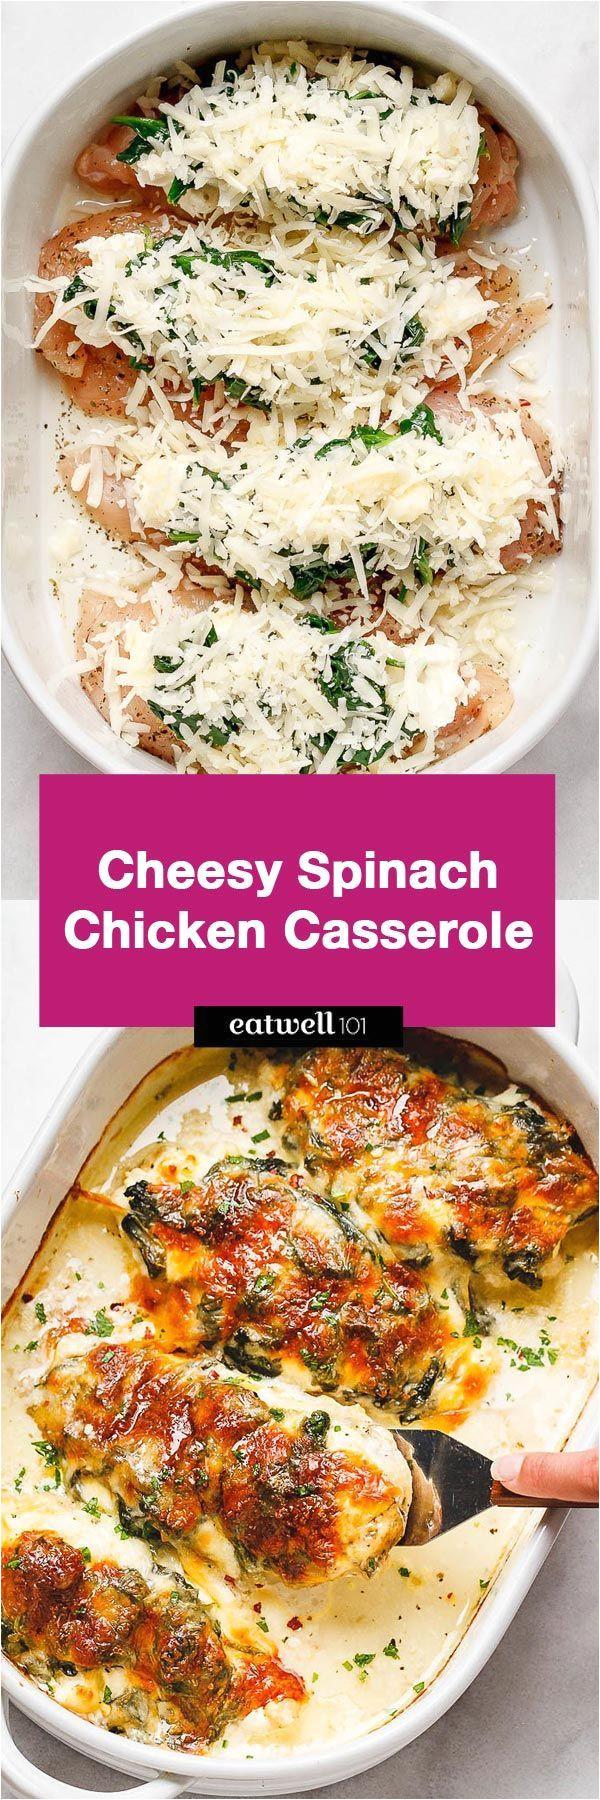 spinach chicken casserole with cream cheese and mozzarella